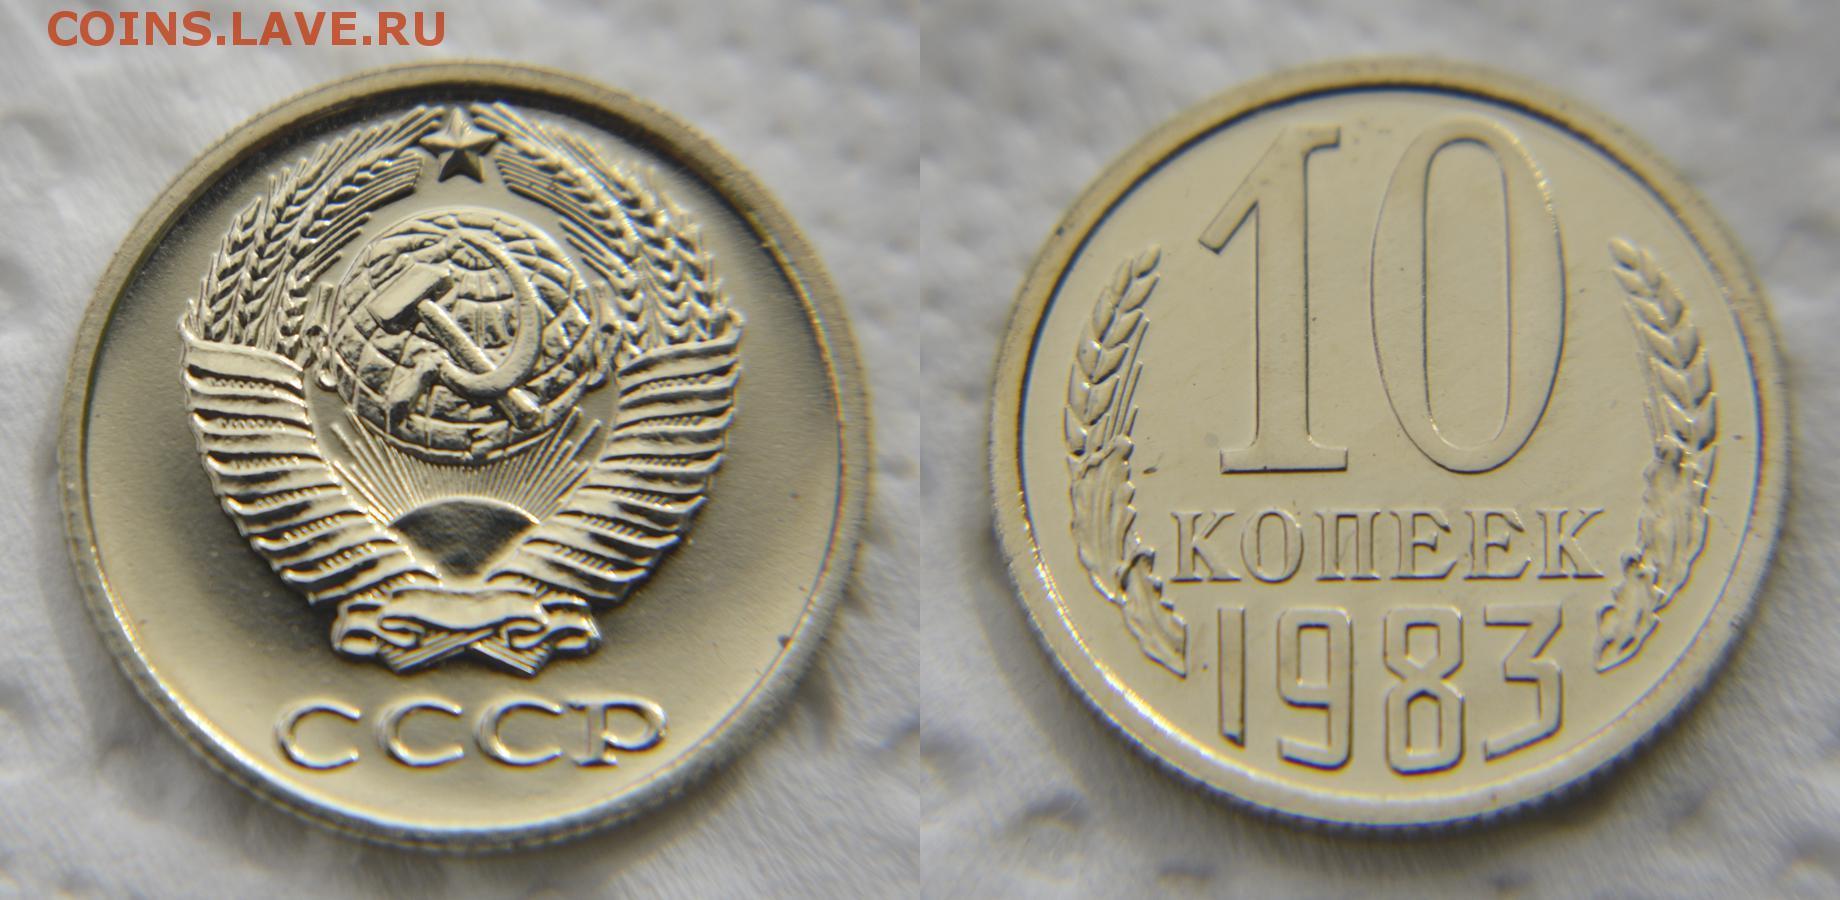 10 копеек 1983 года цена как обозначается турецкая лира